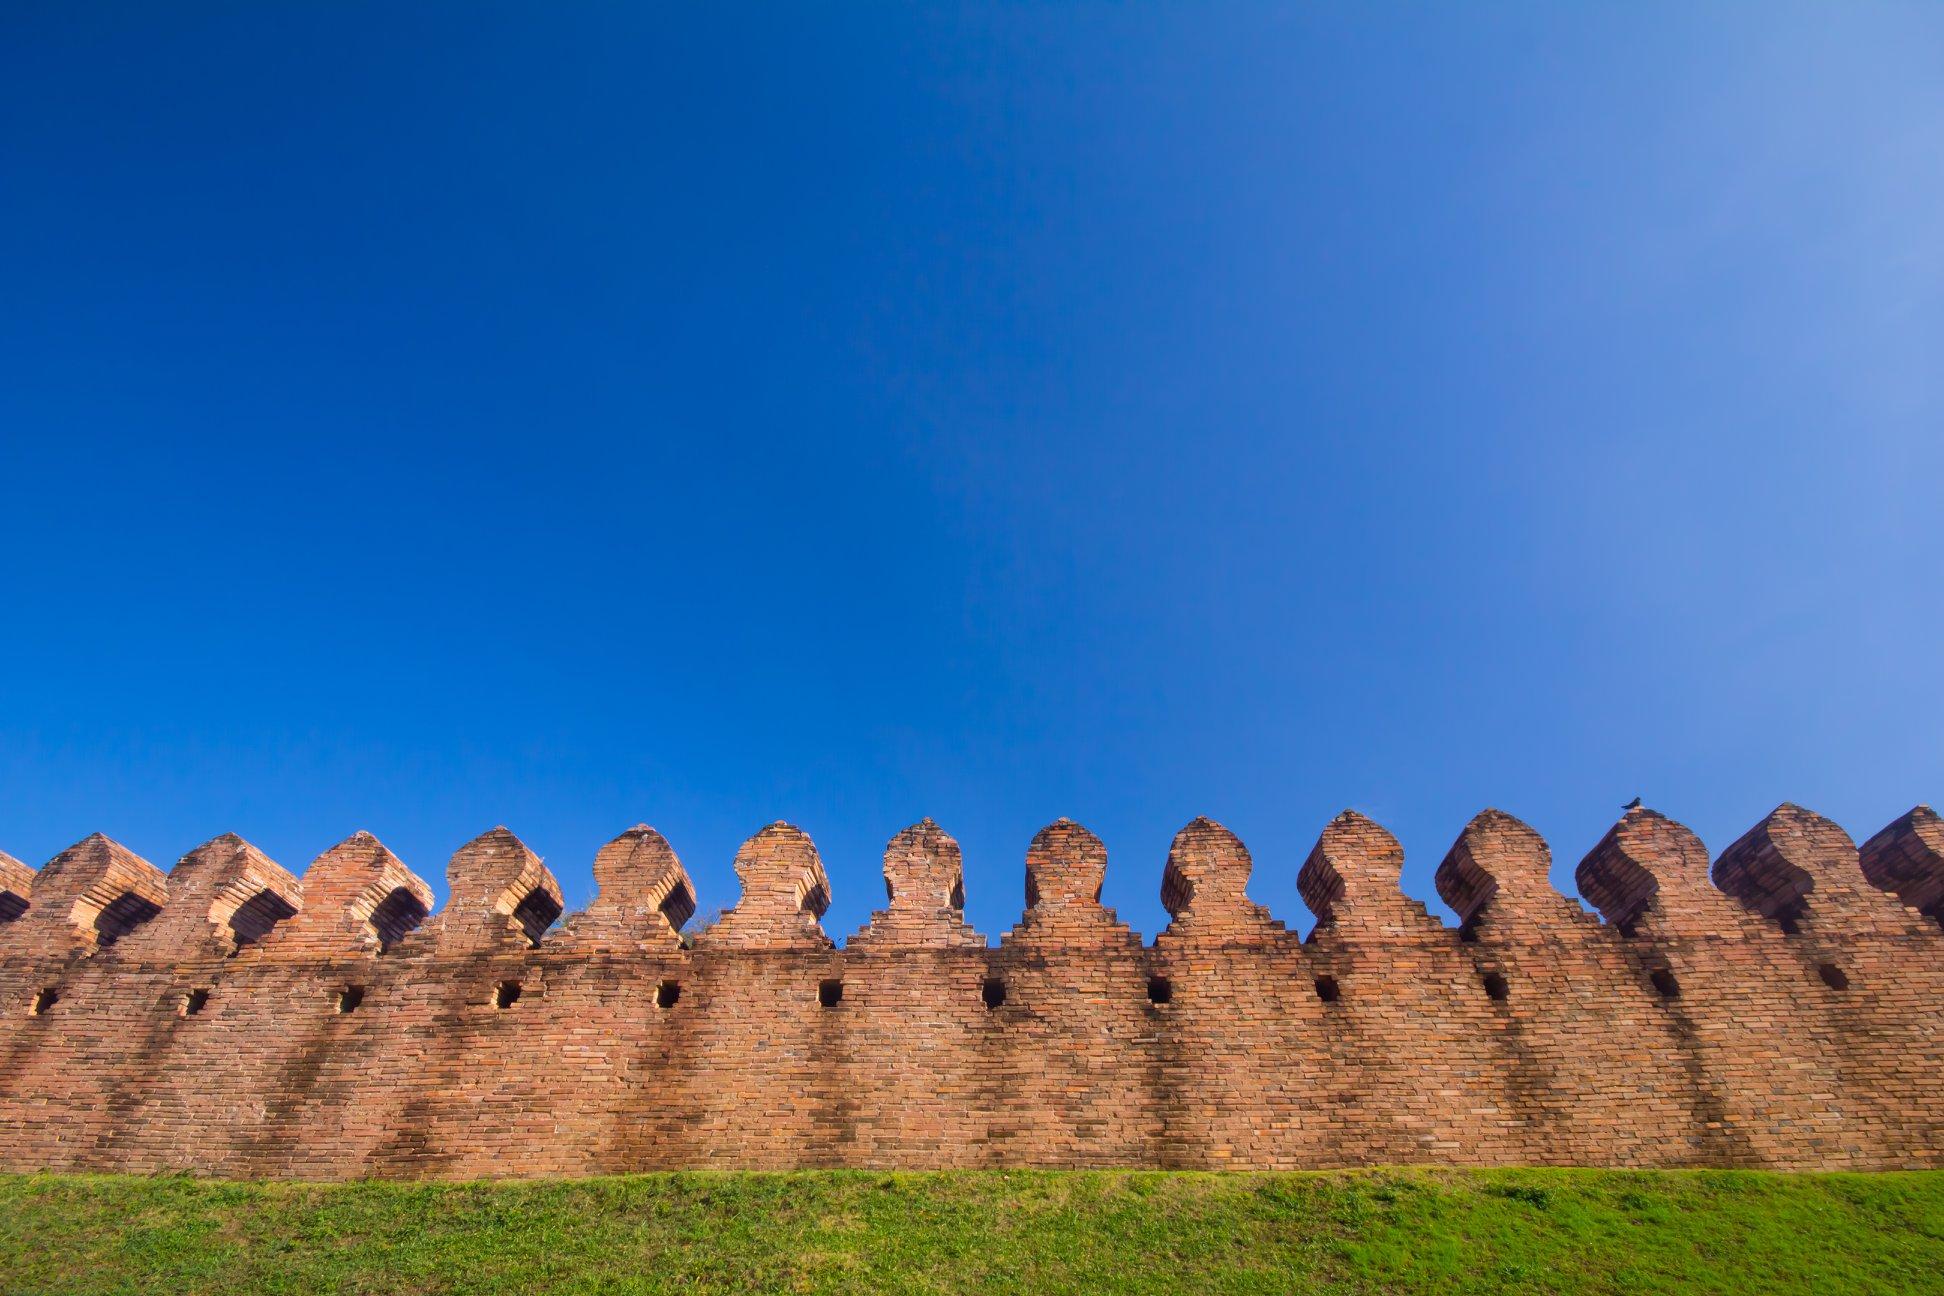 12.-กำแพงเมืองเก่า-นครศรีธรรมราช นครศรี,พัทลุง,ที่เที่ยว,ทะเลหมอก,ทะเล,ธรรมชาติ,น้ำตก